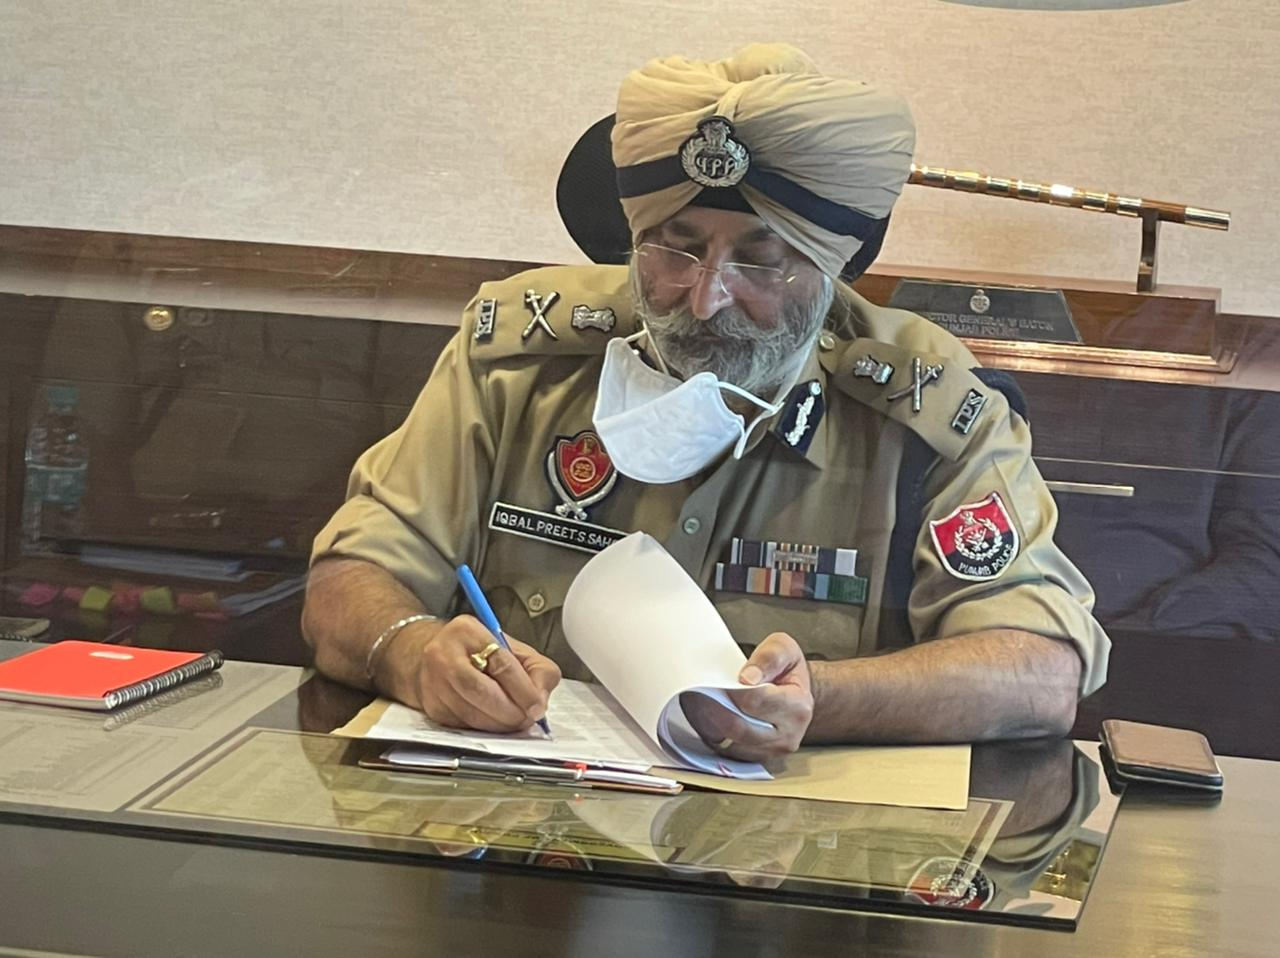 इकबाल प्रीत सिंह सहोता ने डी.जी.पी. पंजाब का अतिरिक्त प्रभार संभाला